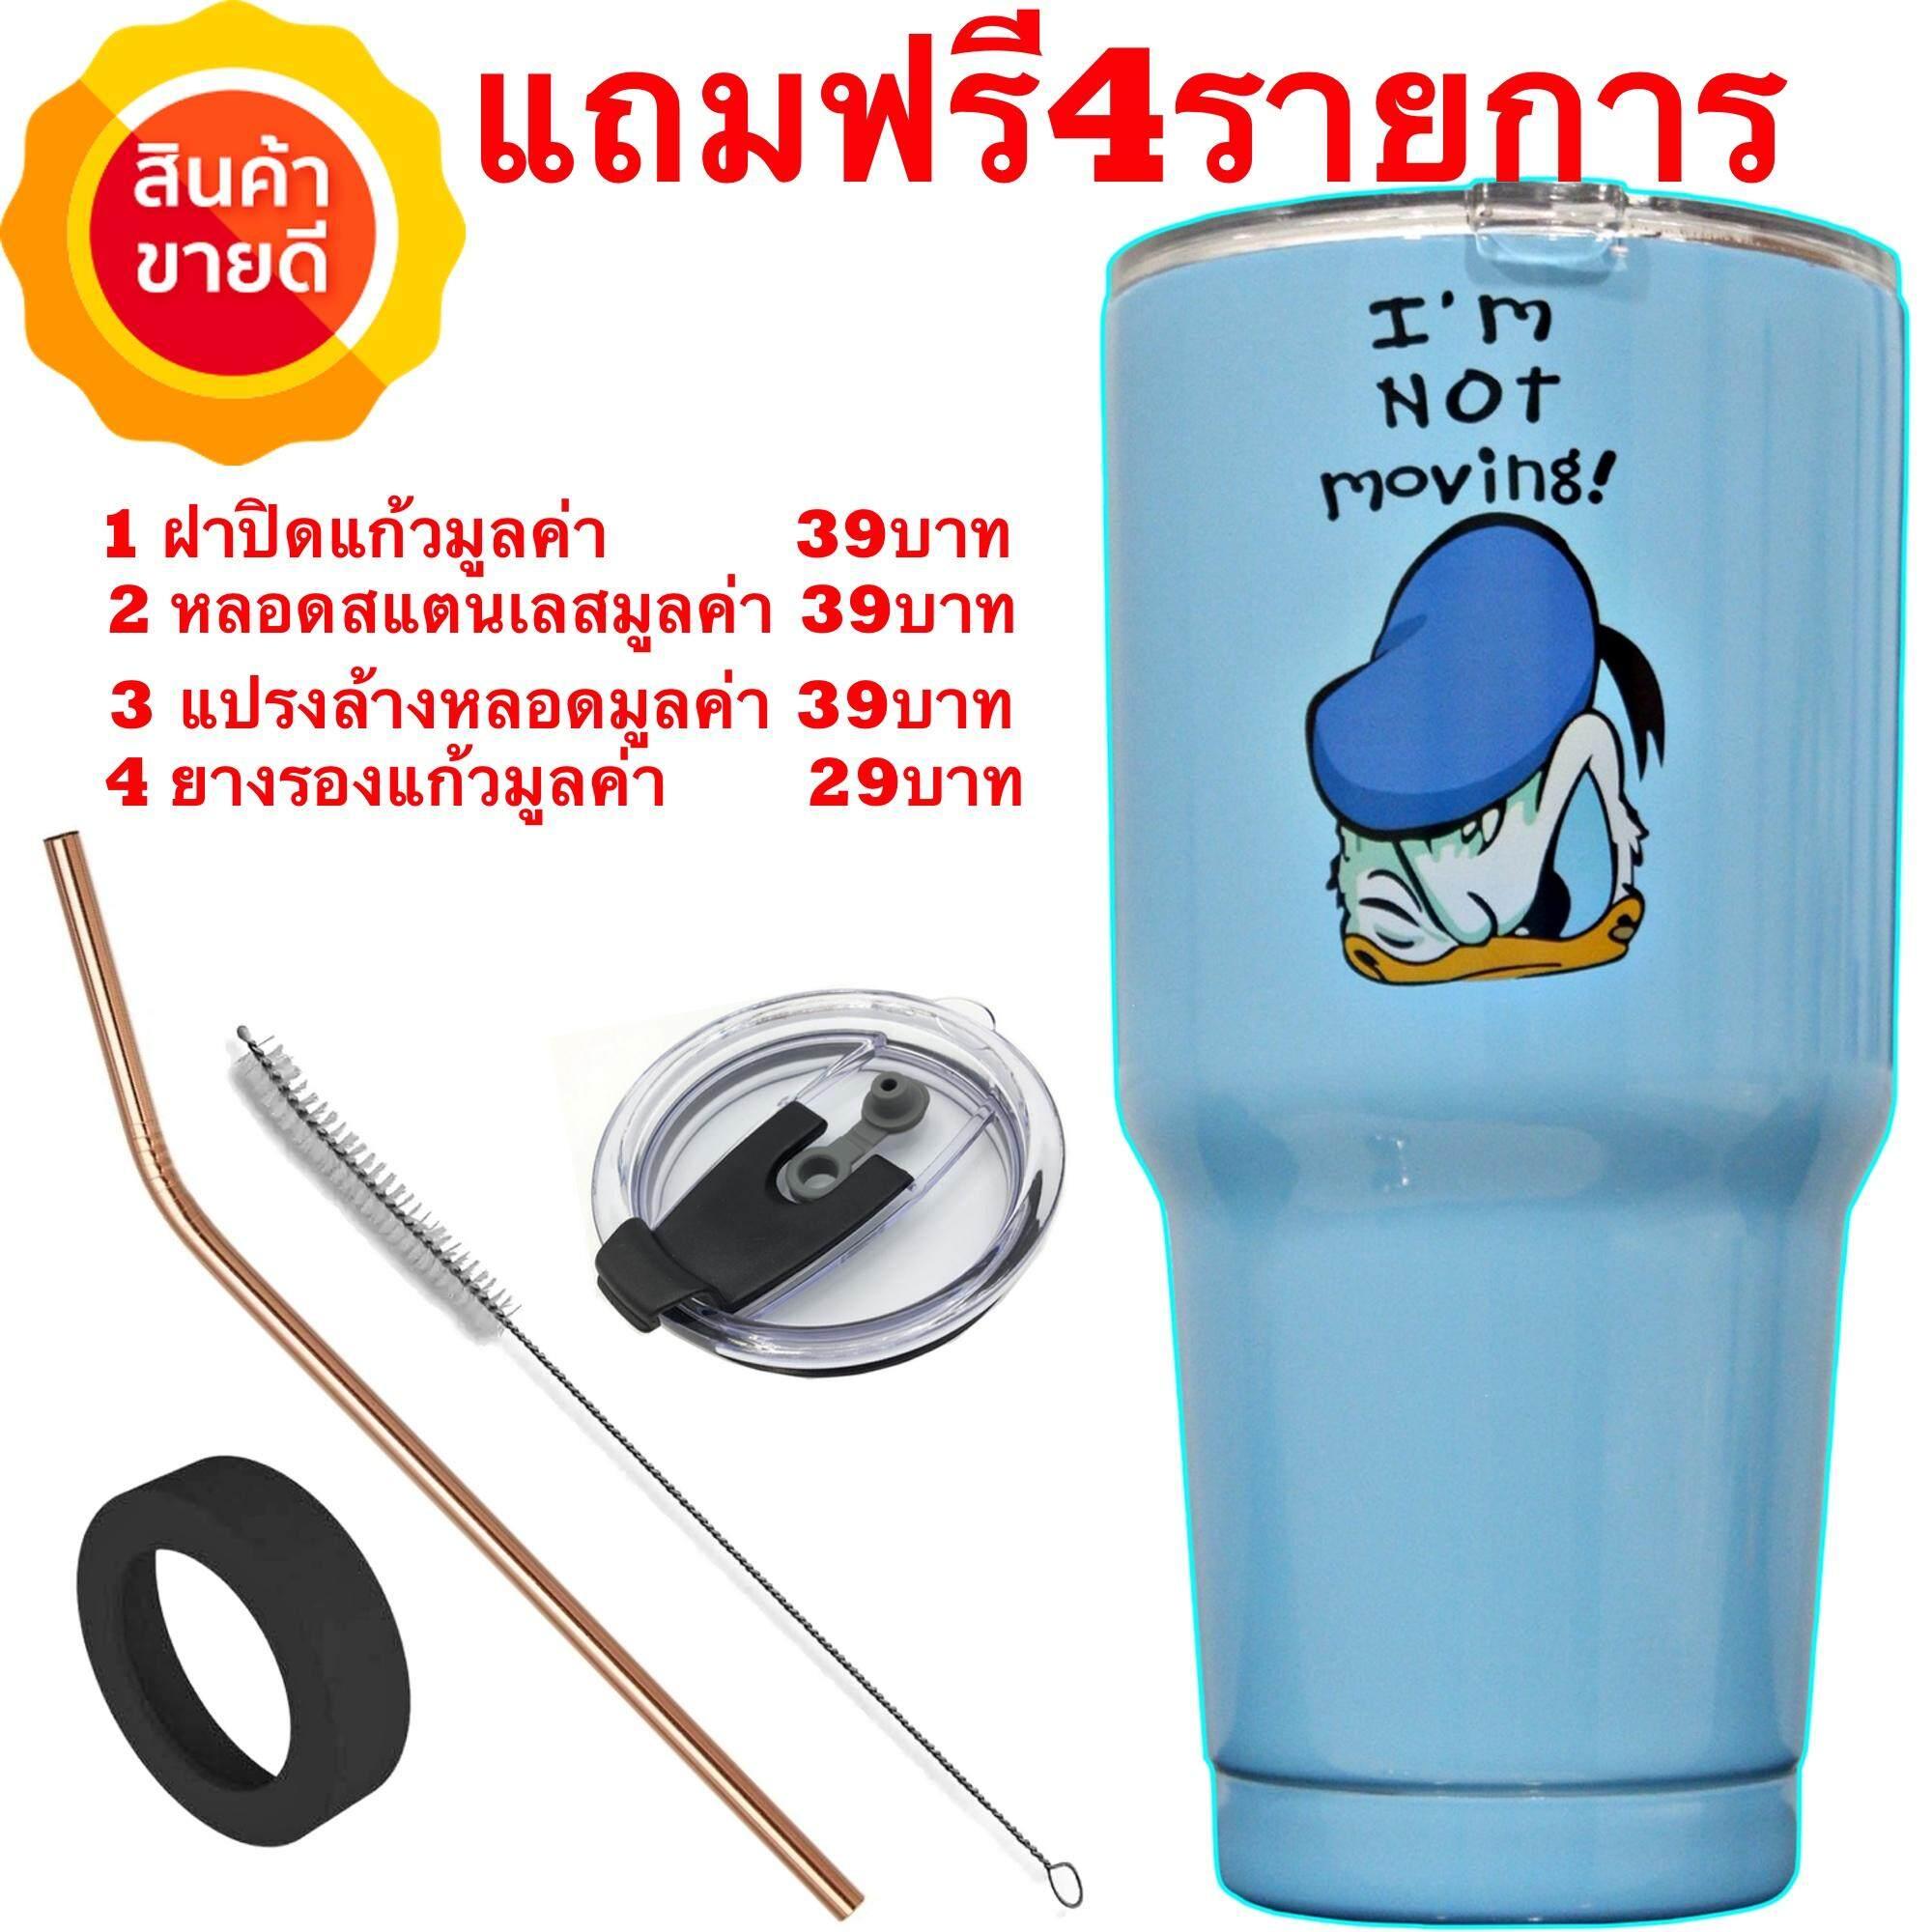 รุ่นขายดีมาก! แก้ว yeti ThaiLee แก้ว Yeti Rambler 30 oz. แถมฟรีฝาปิด+ยางรองแก้ว+หลอดสแตนเลส+แปรงล้างหลอด+ส่งทั่วไทย1-2วันถึง